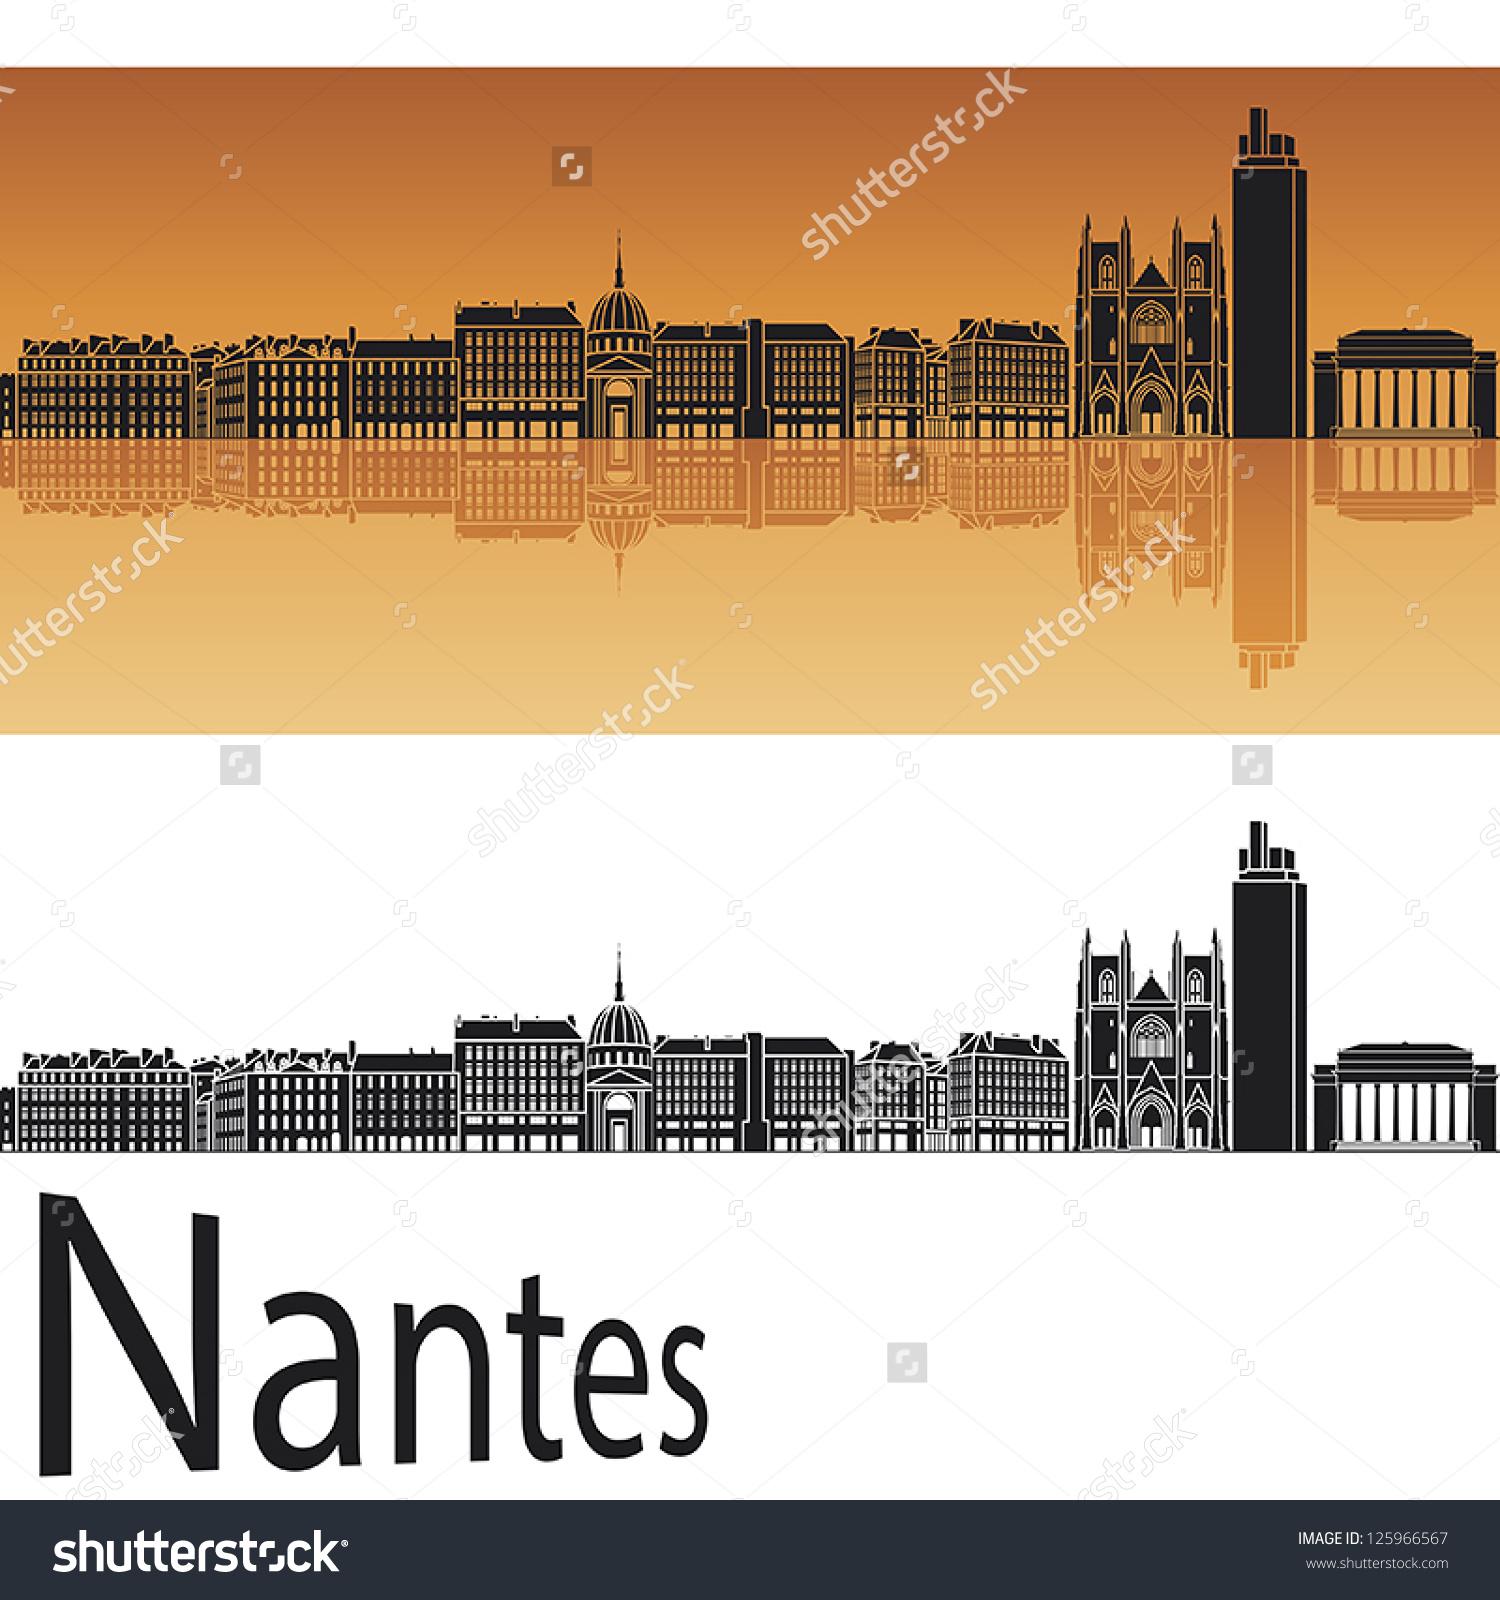 Nantes City Stock Vectors & Vector Clip Art.